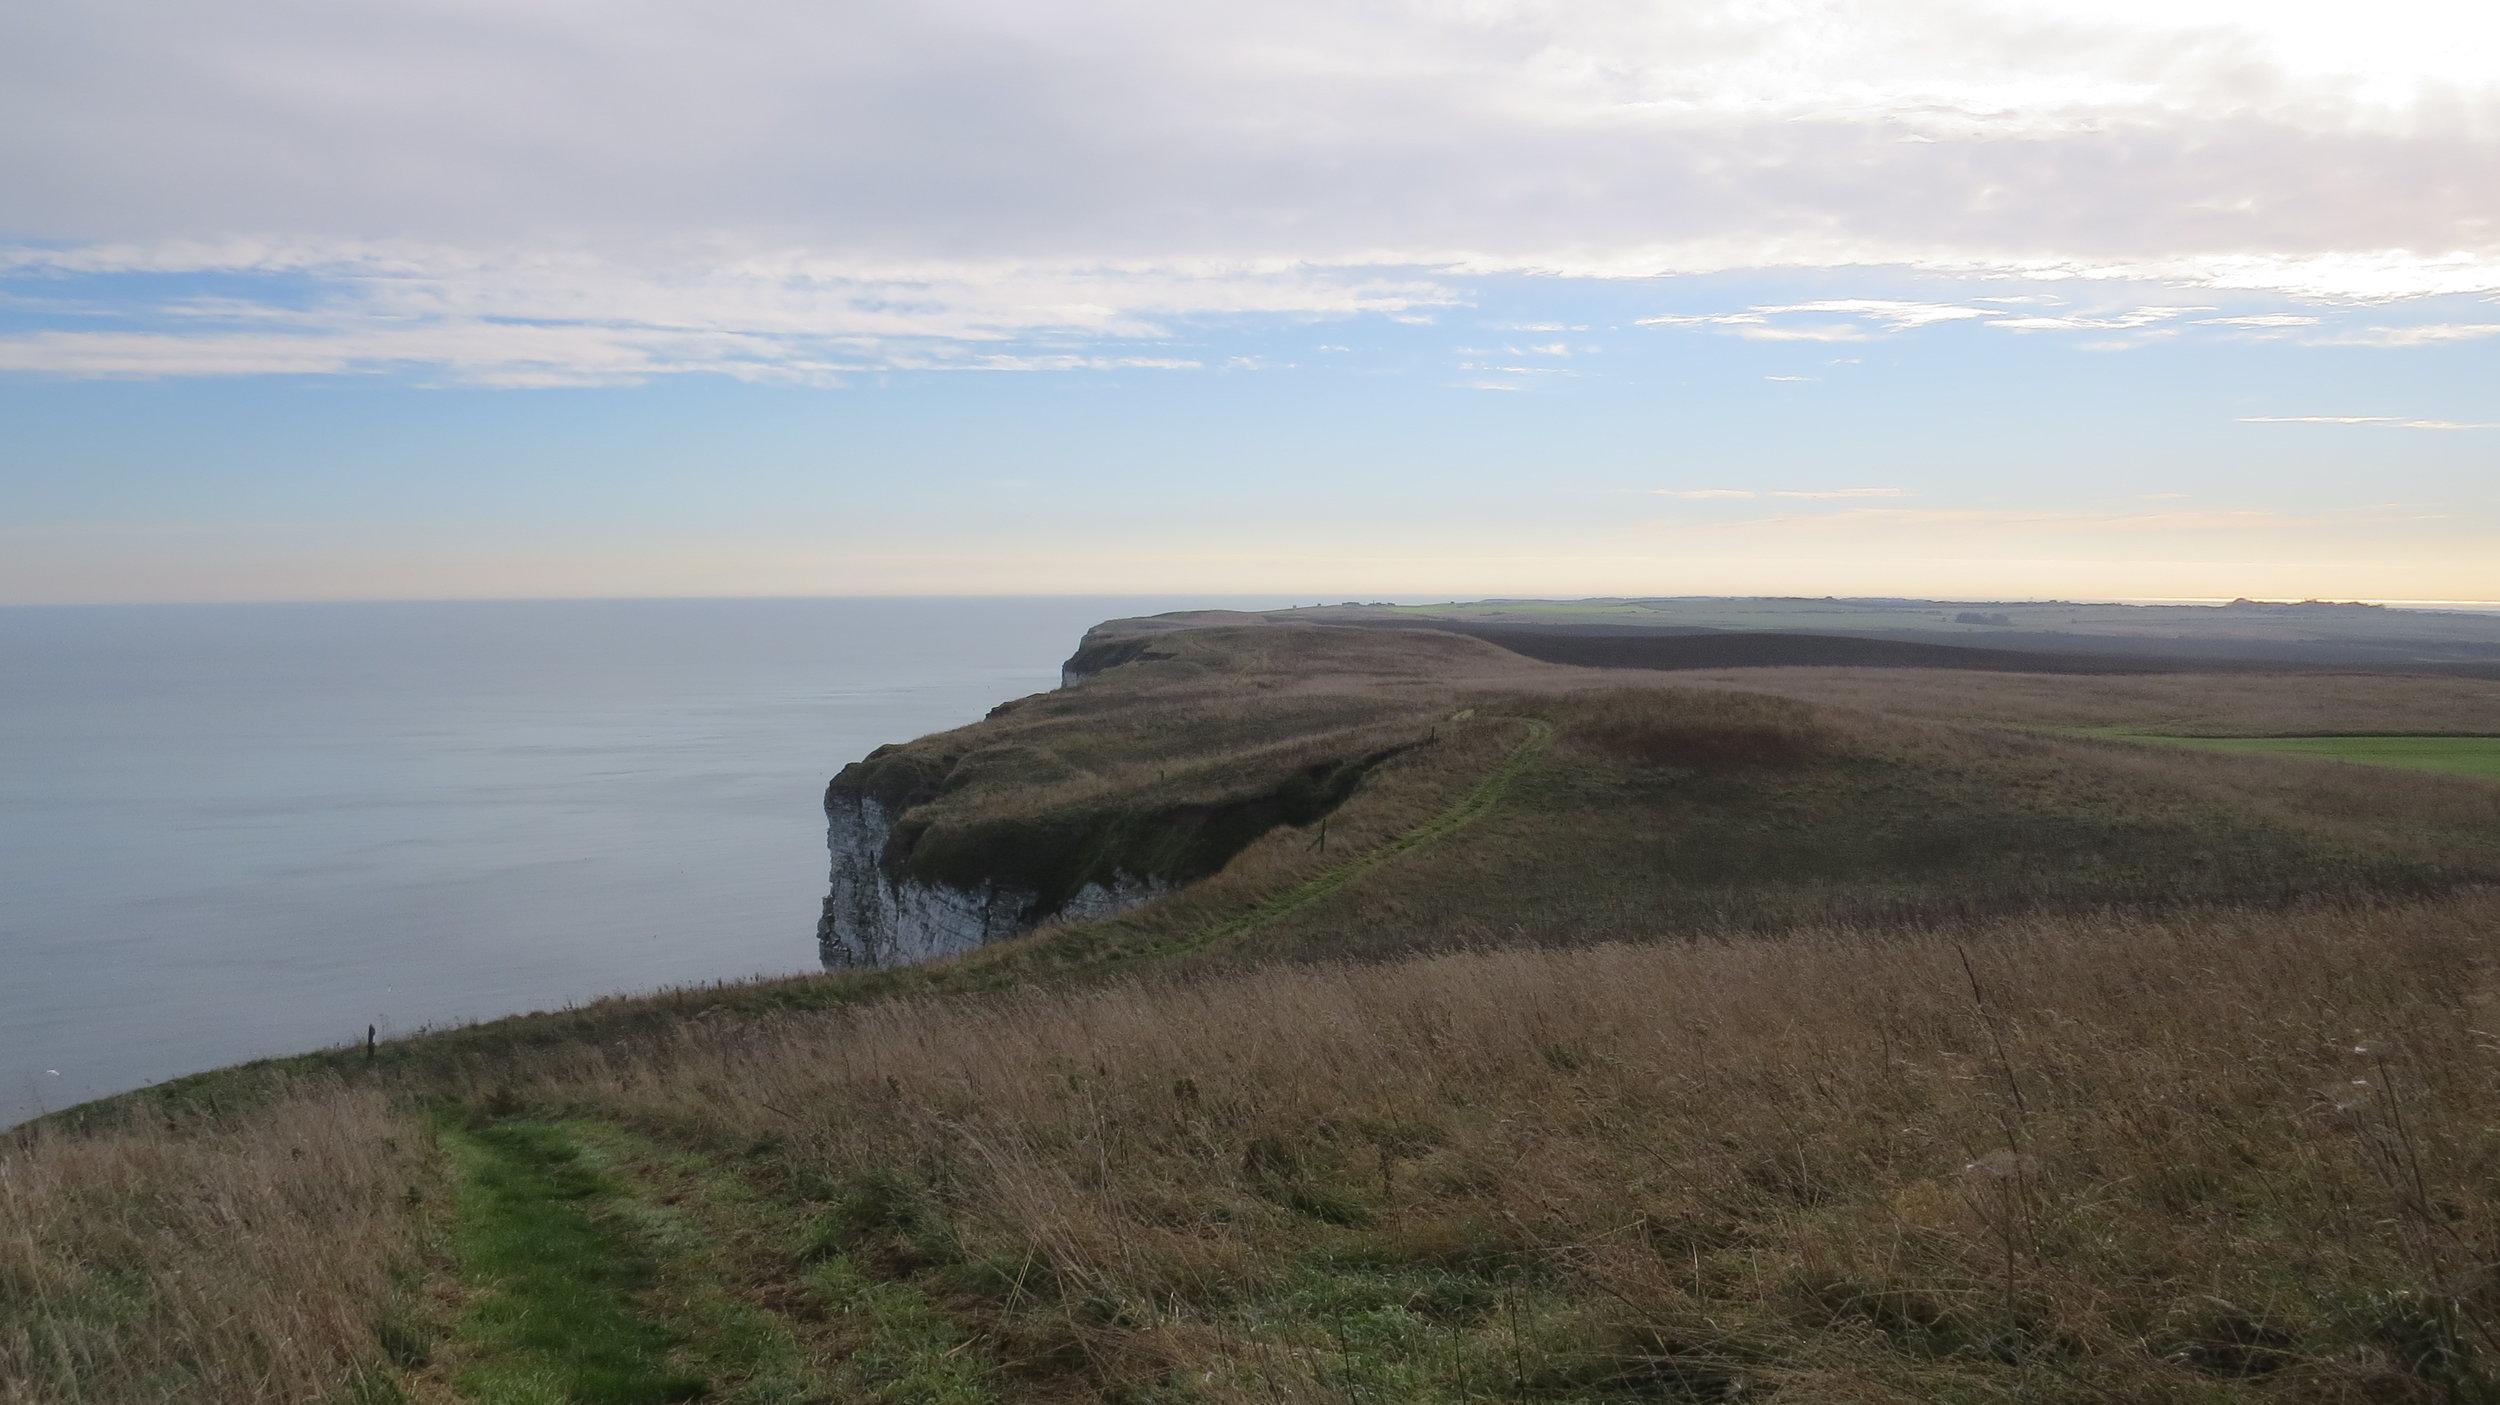 Speeton Cliffs